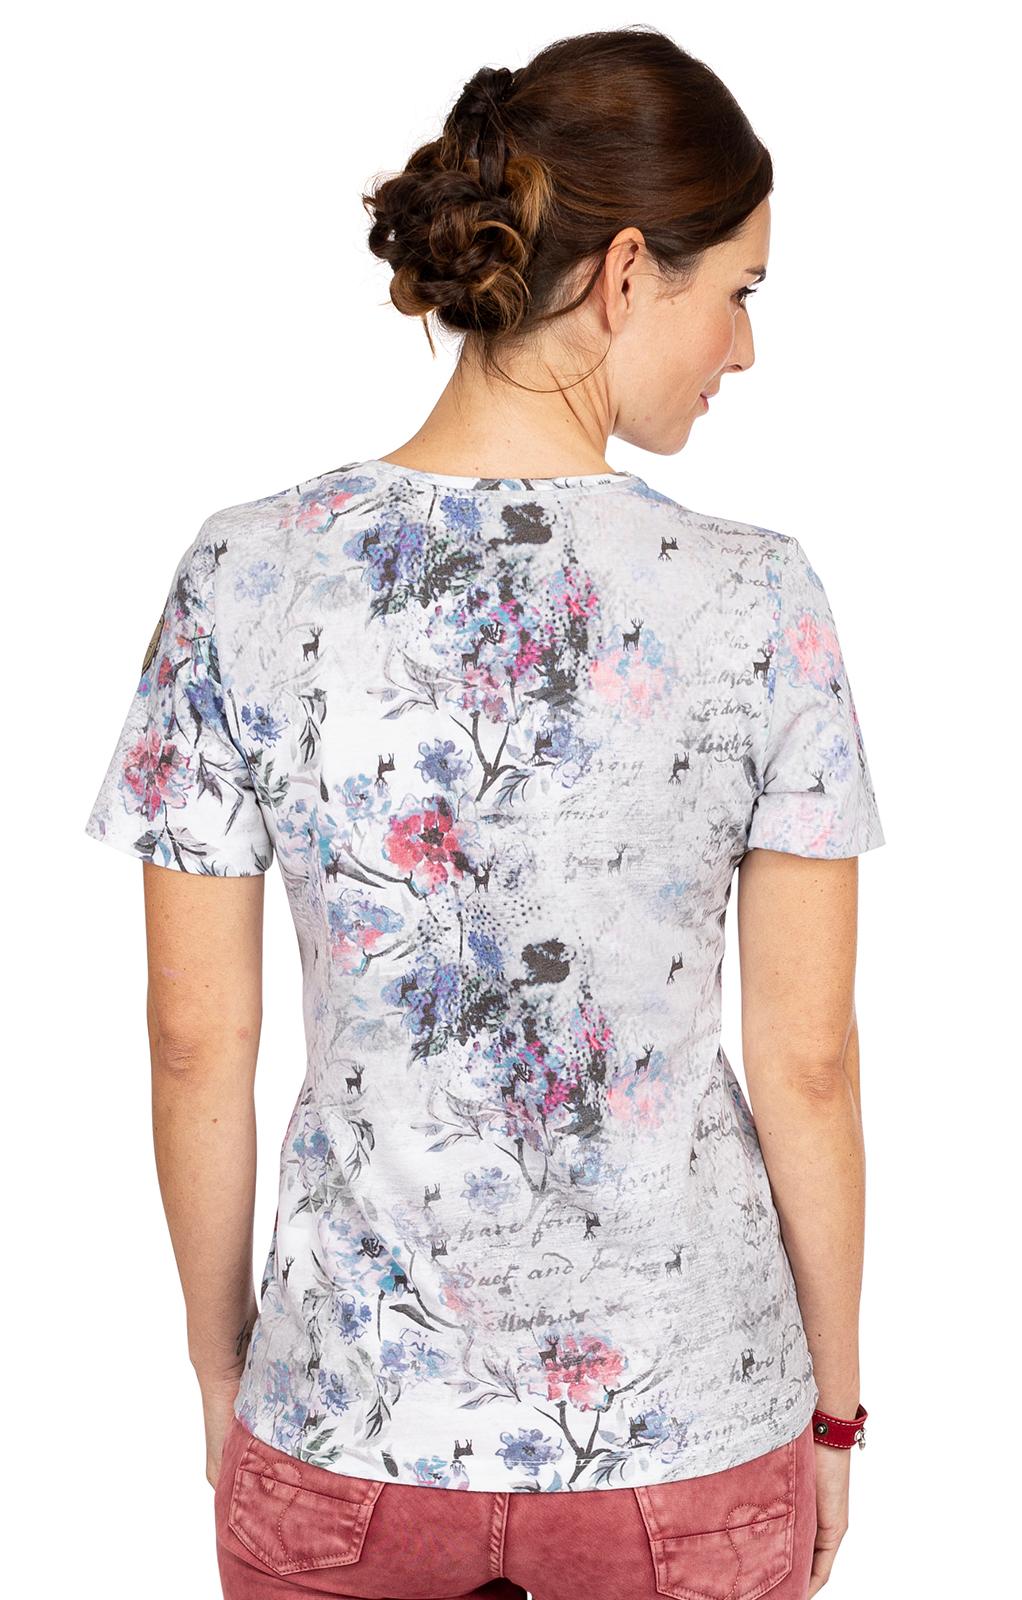 weitere Bilder von T-Shirt BAUERNALM beige